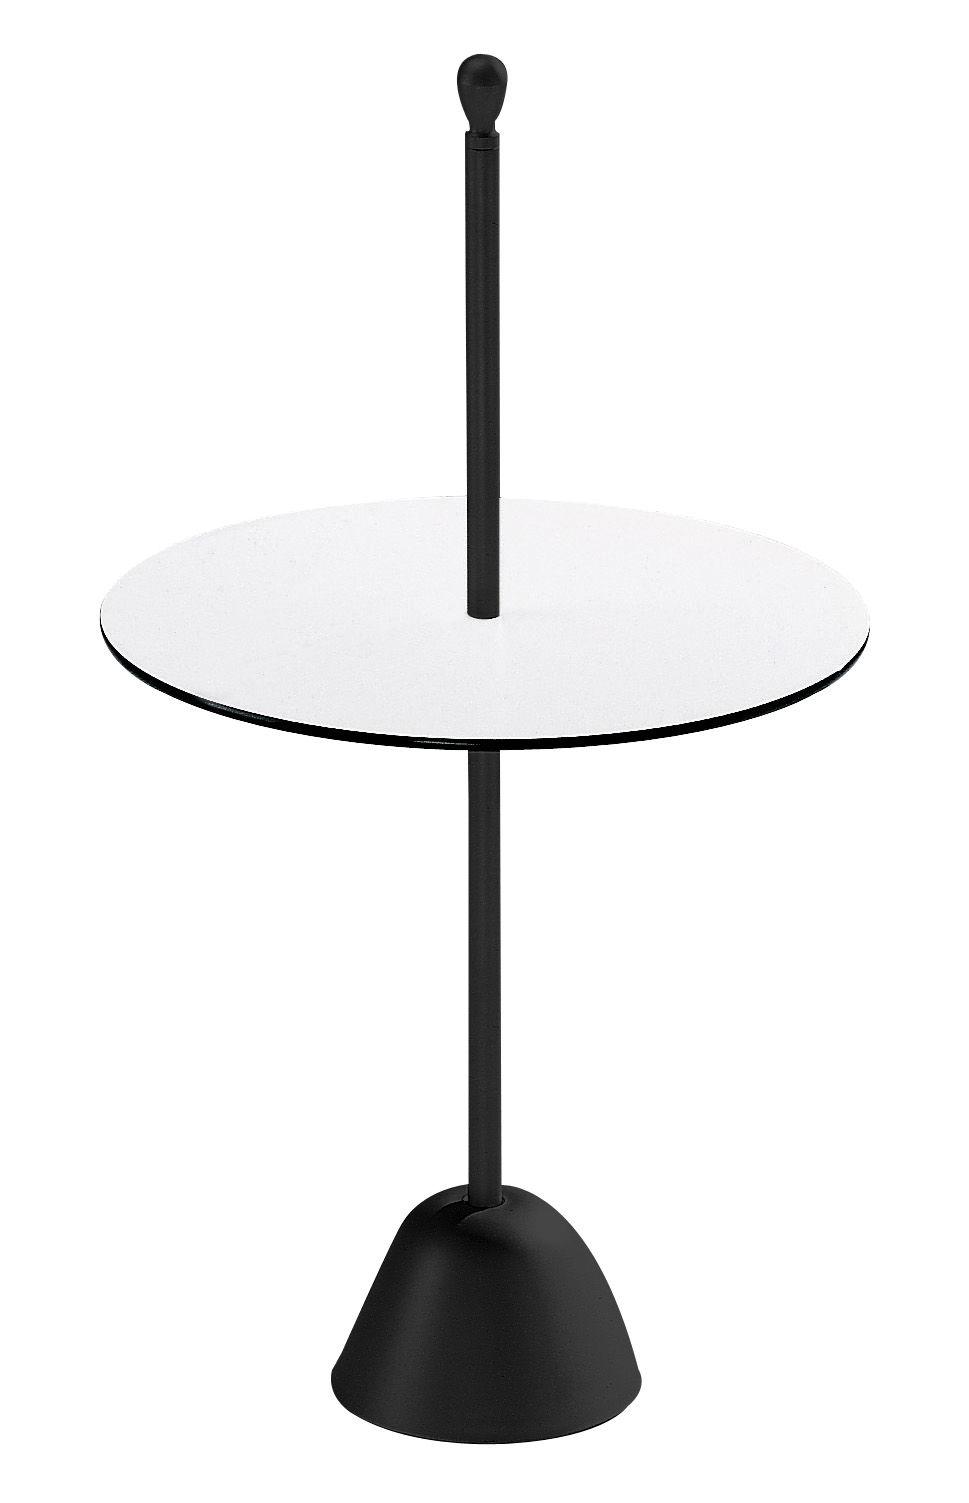 Arredamento - Tavolini  - Tavolino d'appoggio Servomuto di Zanotta - Nero - Piano bianco-nero - Acciaio verniciato, Laminato stratificato